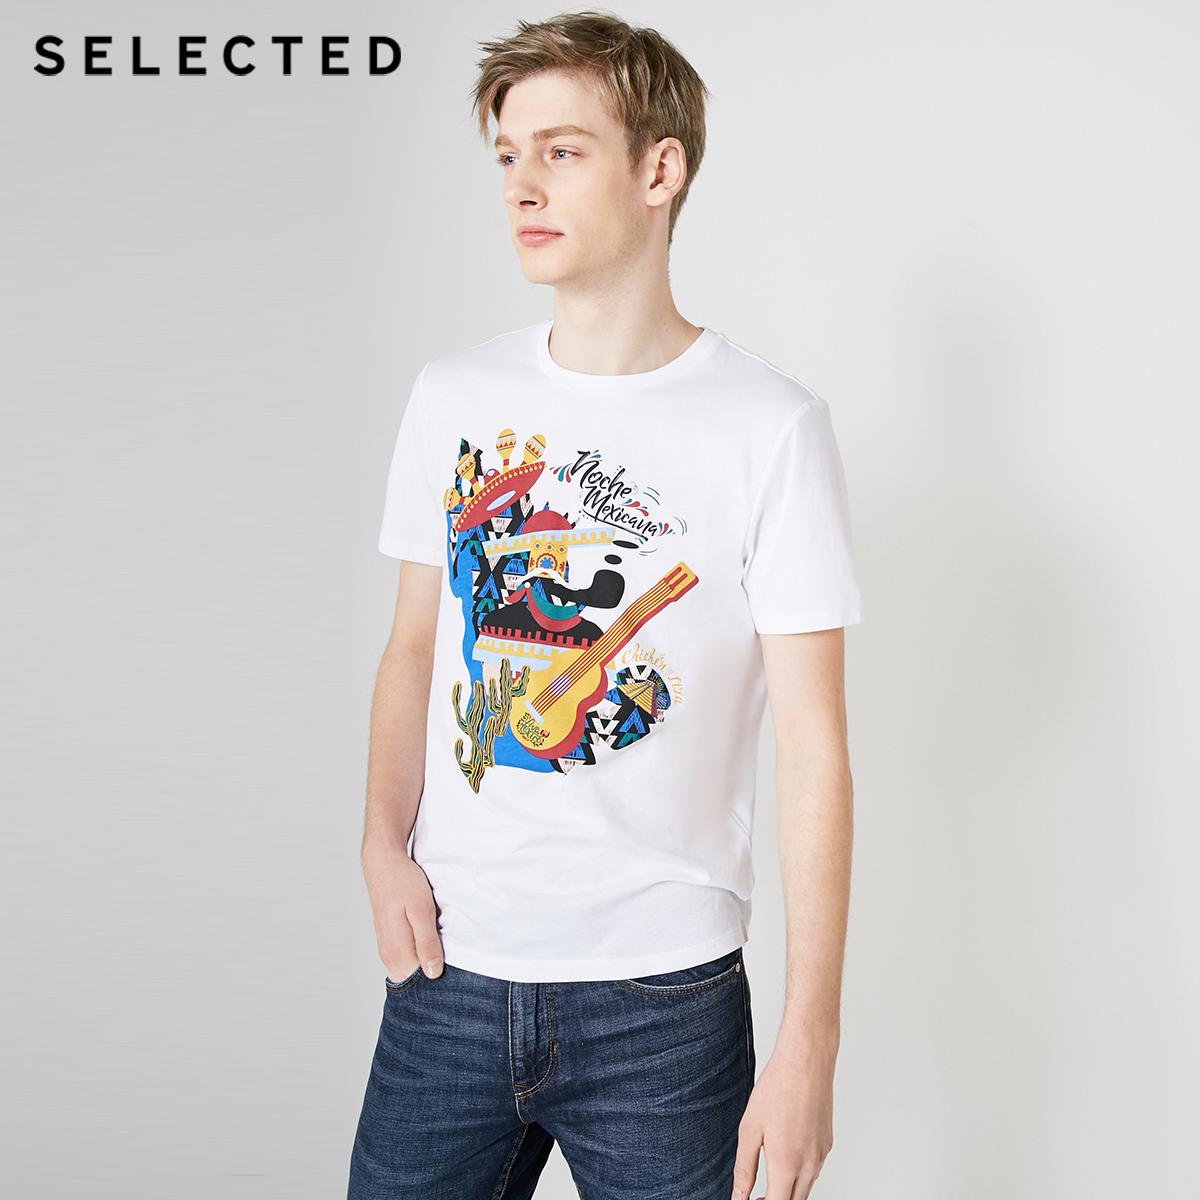 SELECTED思莱德夏季新款纯棉潮流白色休闲男士短袖T恤S|419201574